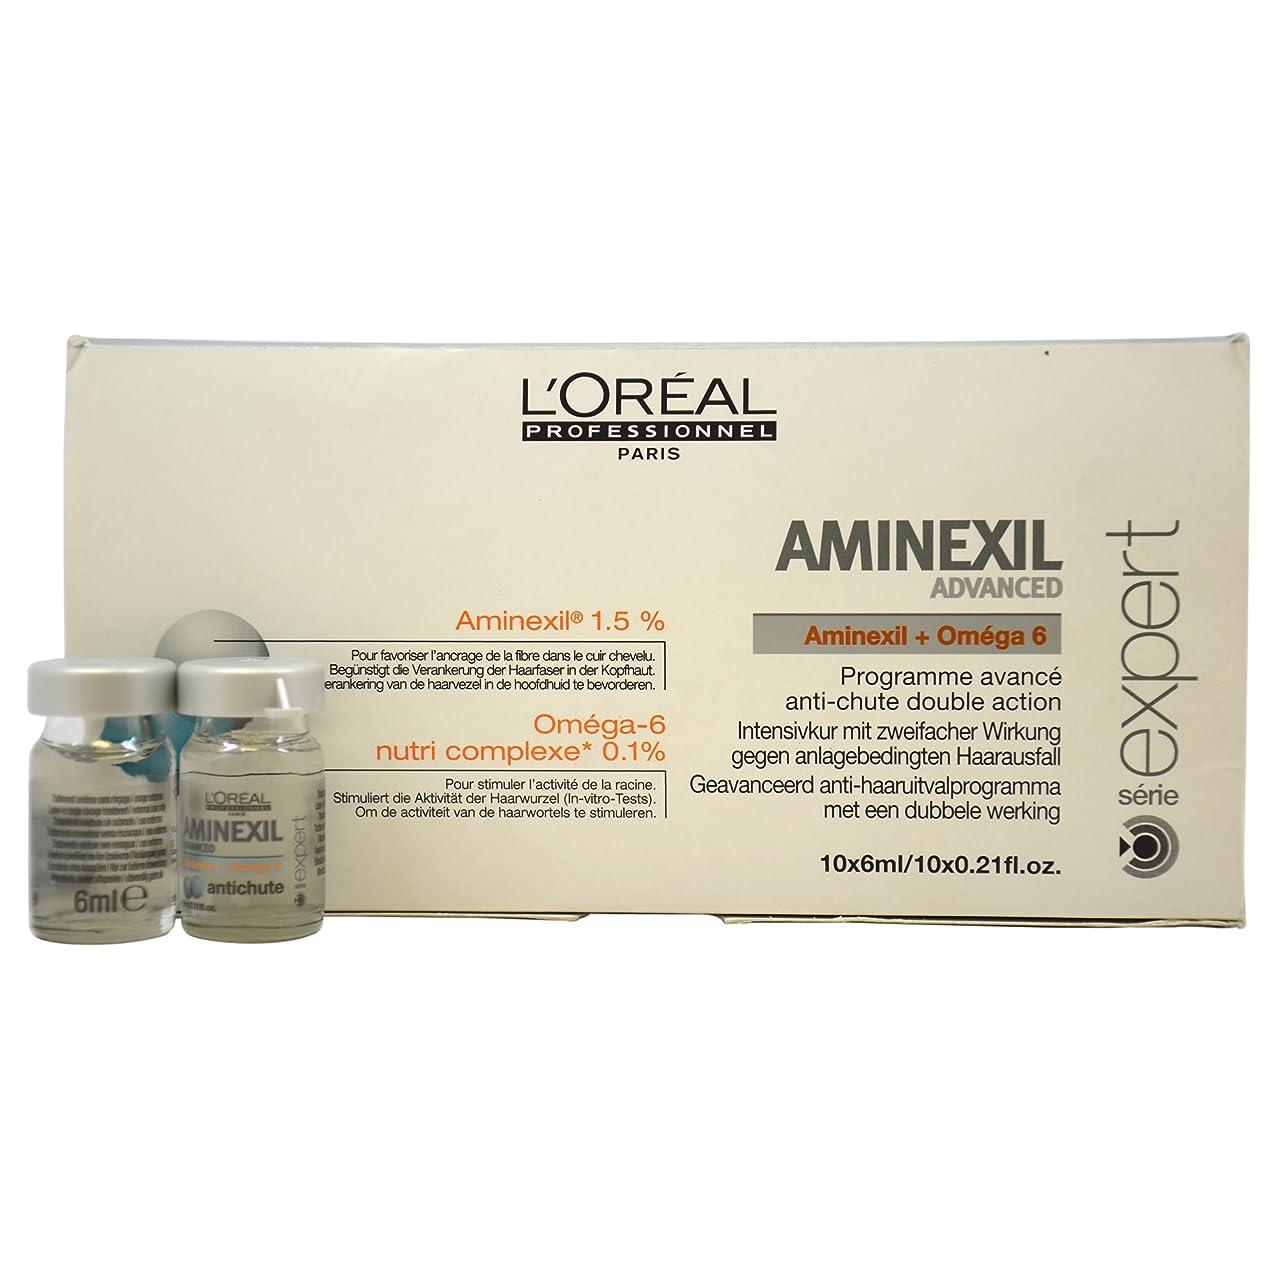 長さ極貧アセンブリロレアル エキスパート ア三ネクシル コントロール 10個 L'Oreal Expert Aminexil Control 10 Units Advanced [並行輸入品]